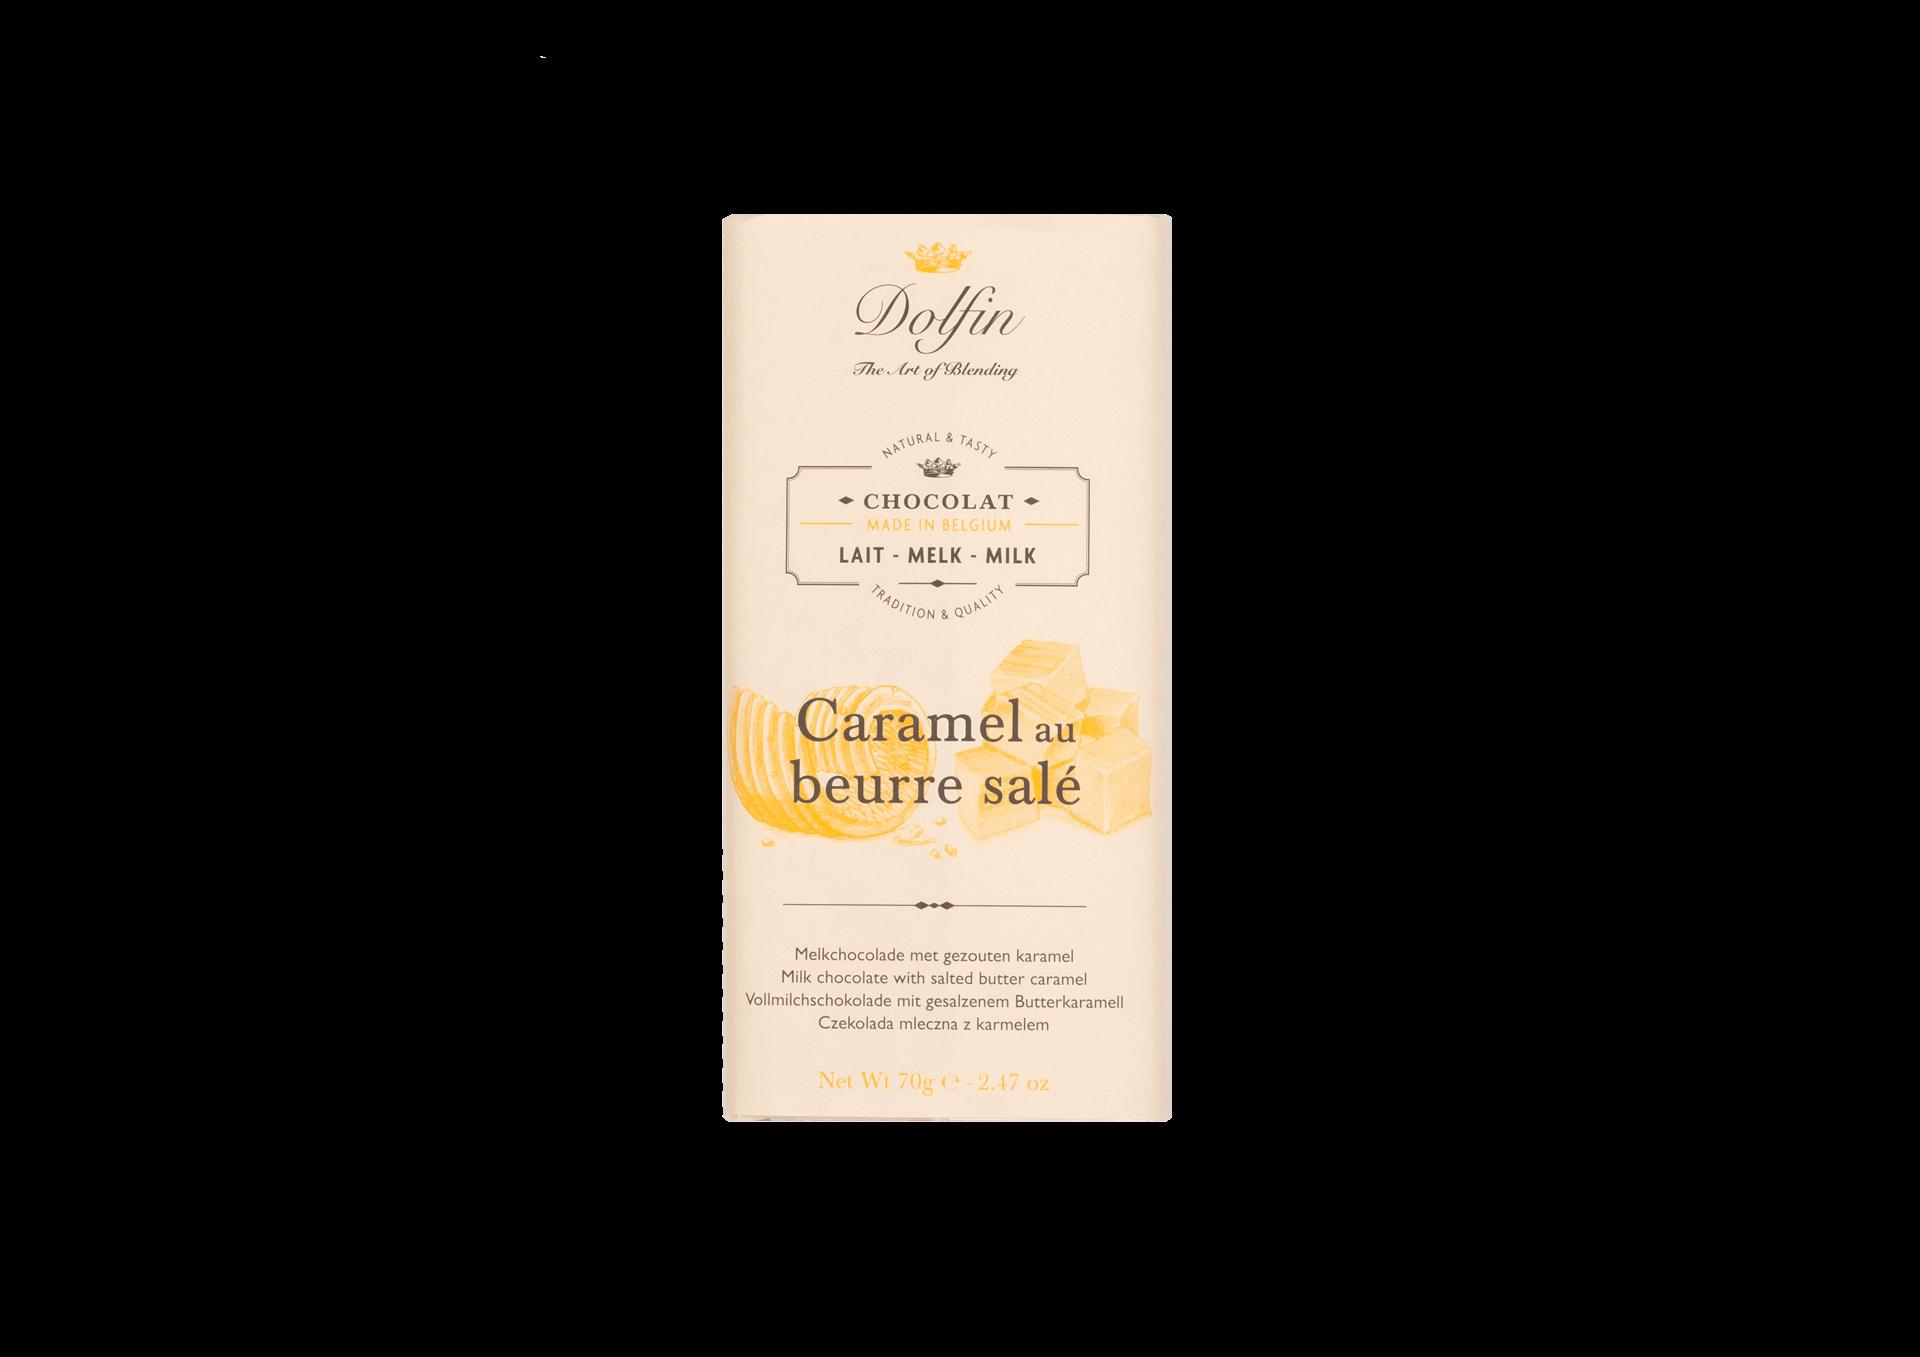 Caramel au beurre salé - Dolfin